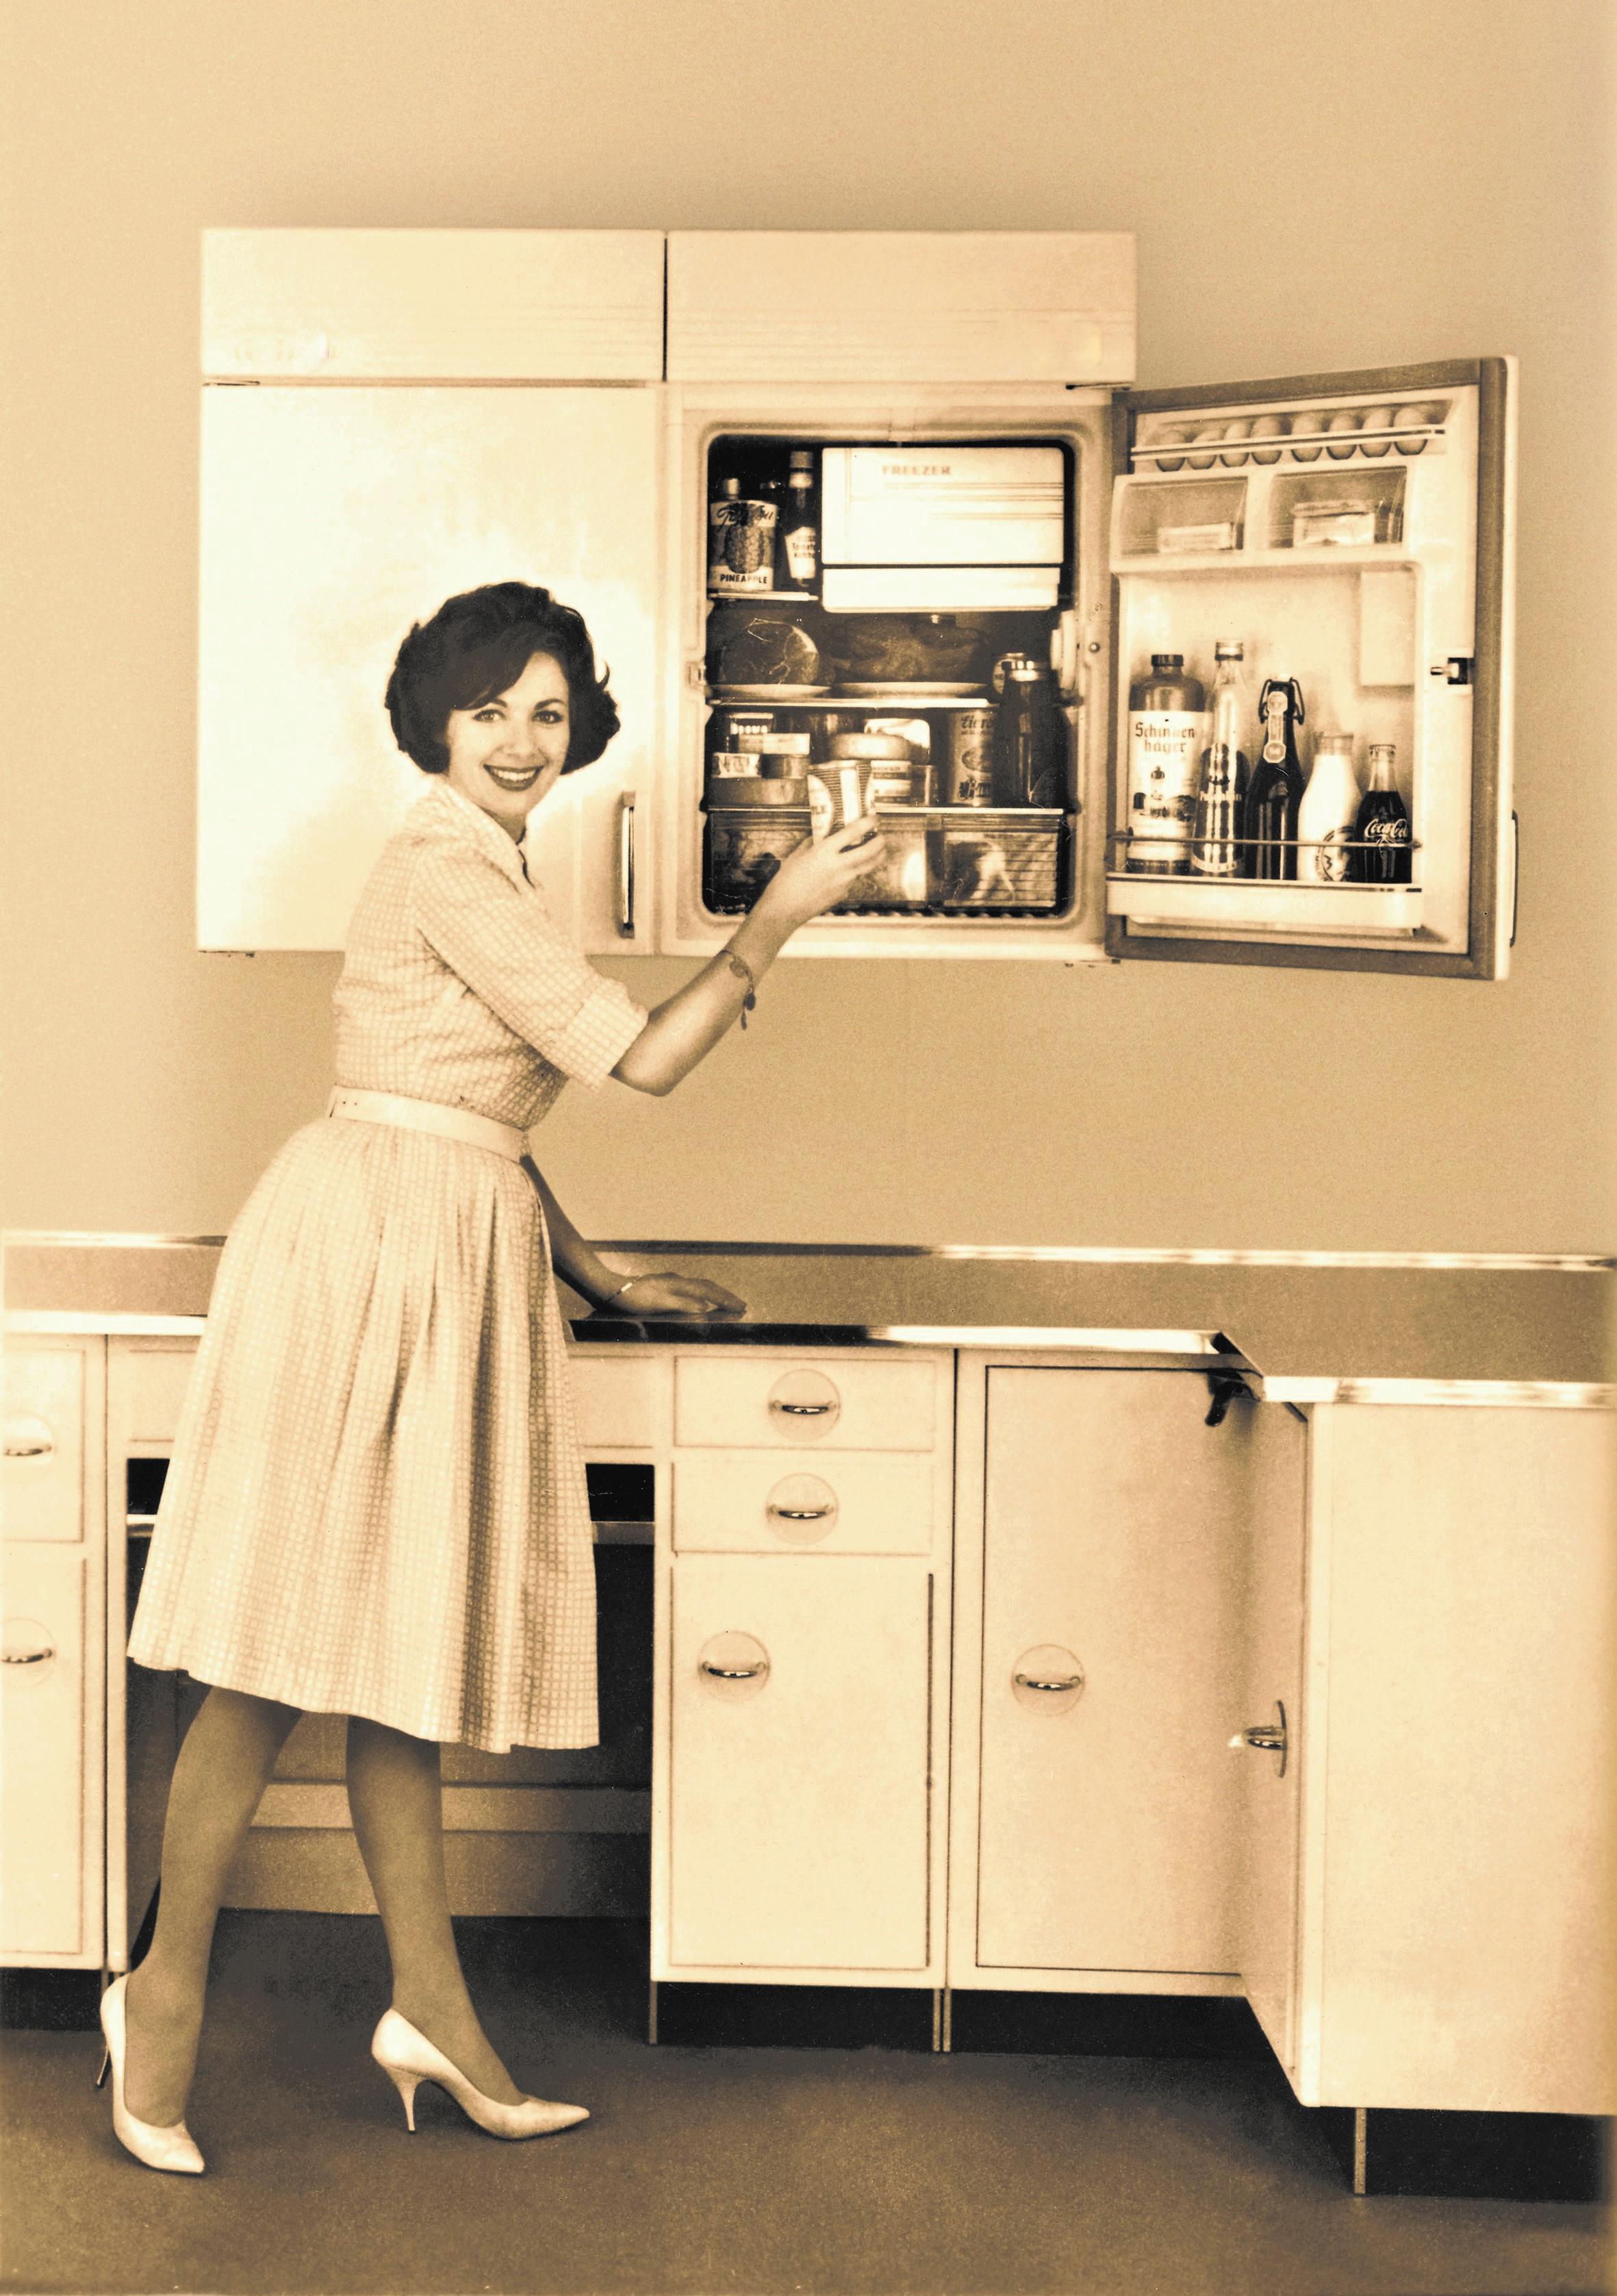 Mitte der 1950er Jahre gab es die ersten hocheingebauten Kühlgeräte. (Foto: Arbeitsgemeinschaft Die Moderne Küche e.V. (AMK))